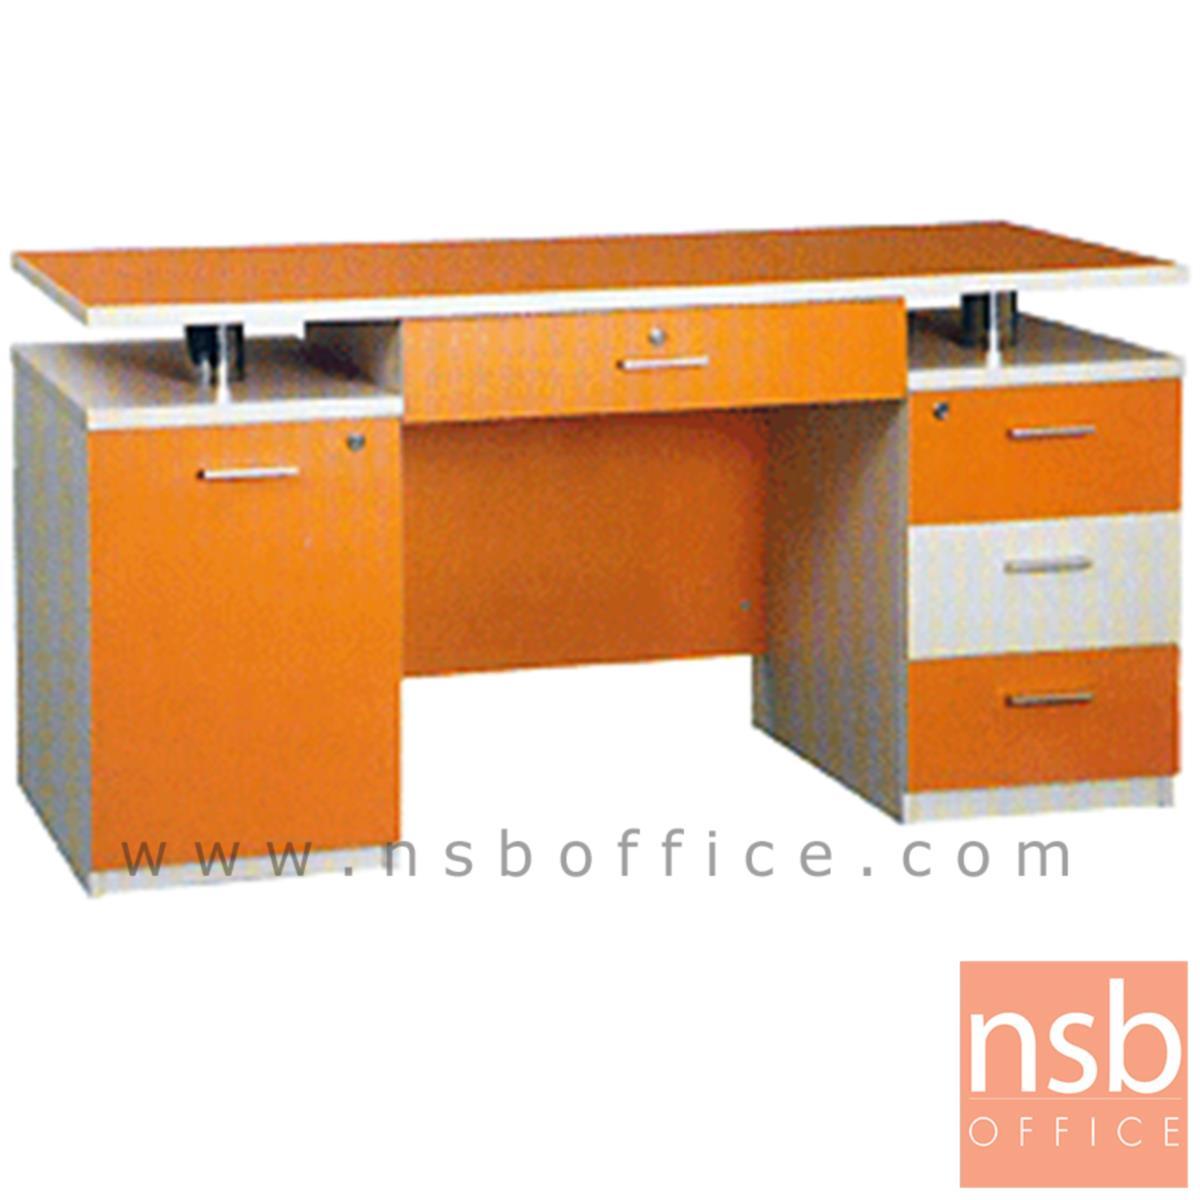 โต๊ะทำงาน 4 ลิ้นชัก 1 บานเปิด รุ่น Hamilton (ฮามิลตัน) ขนาด 150W ,180W cm. เมลามีน